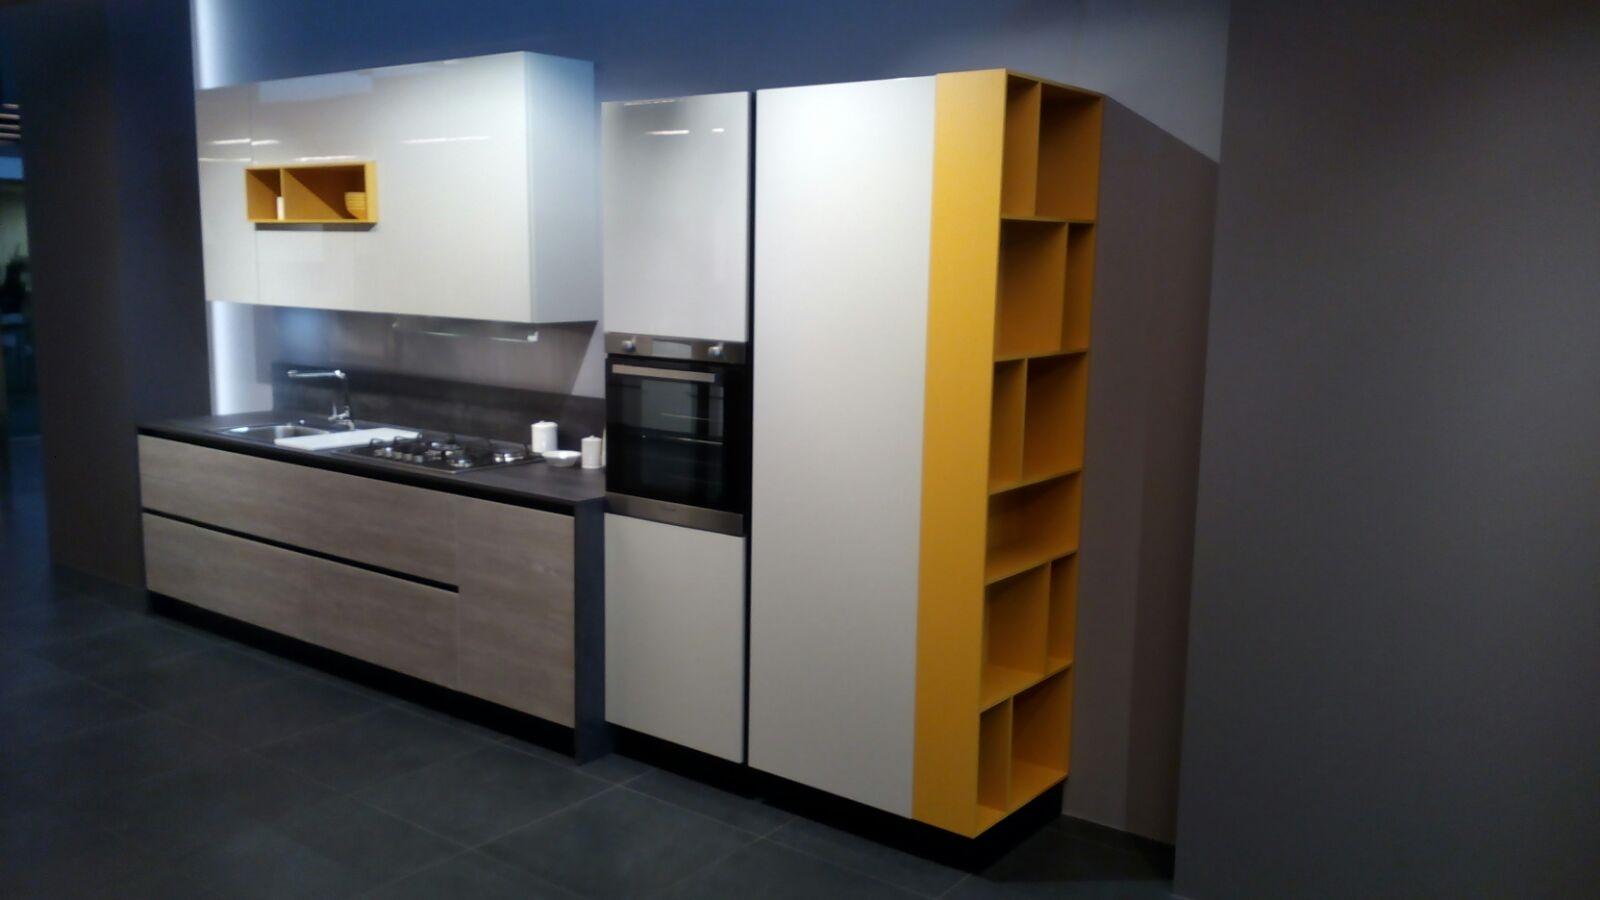 Arredo3 cucina round moderno laminato materico cucine a - Cucine arredo 3 prezzi ...